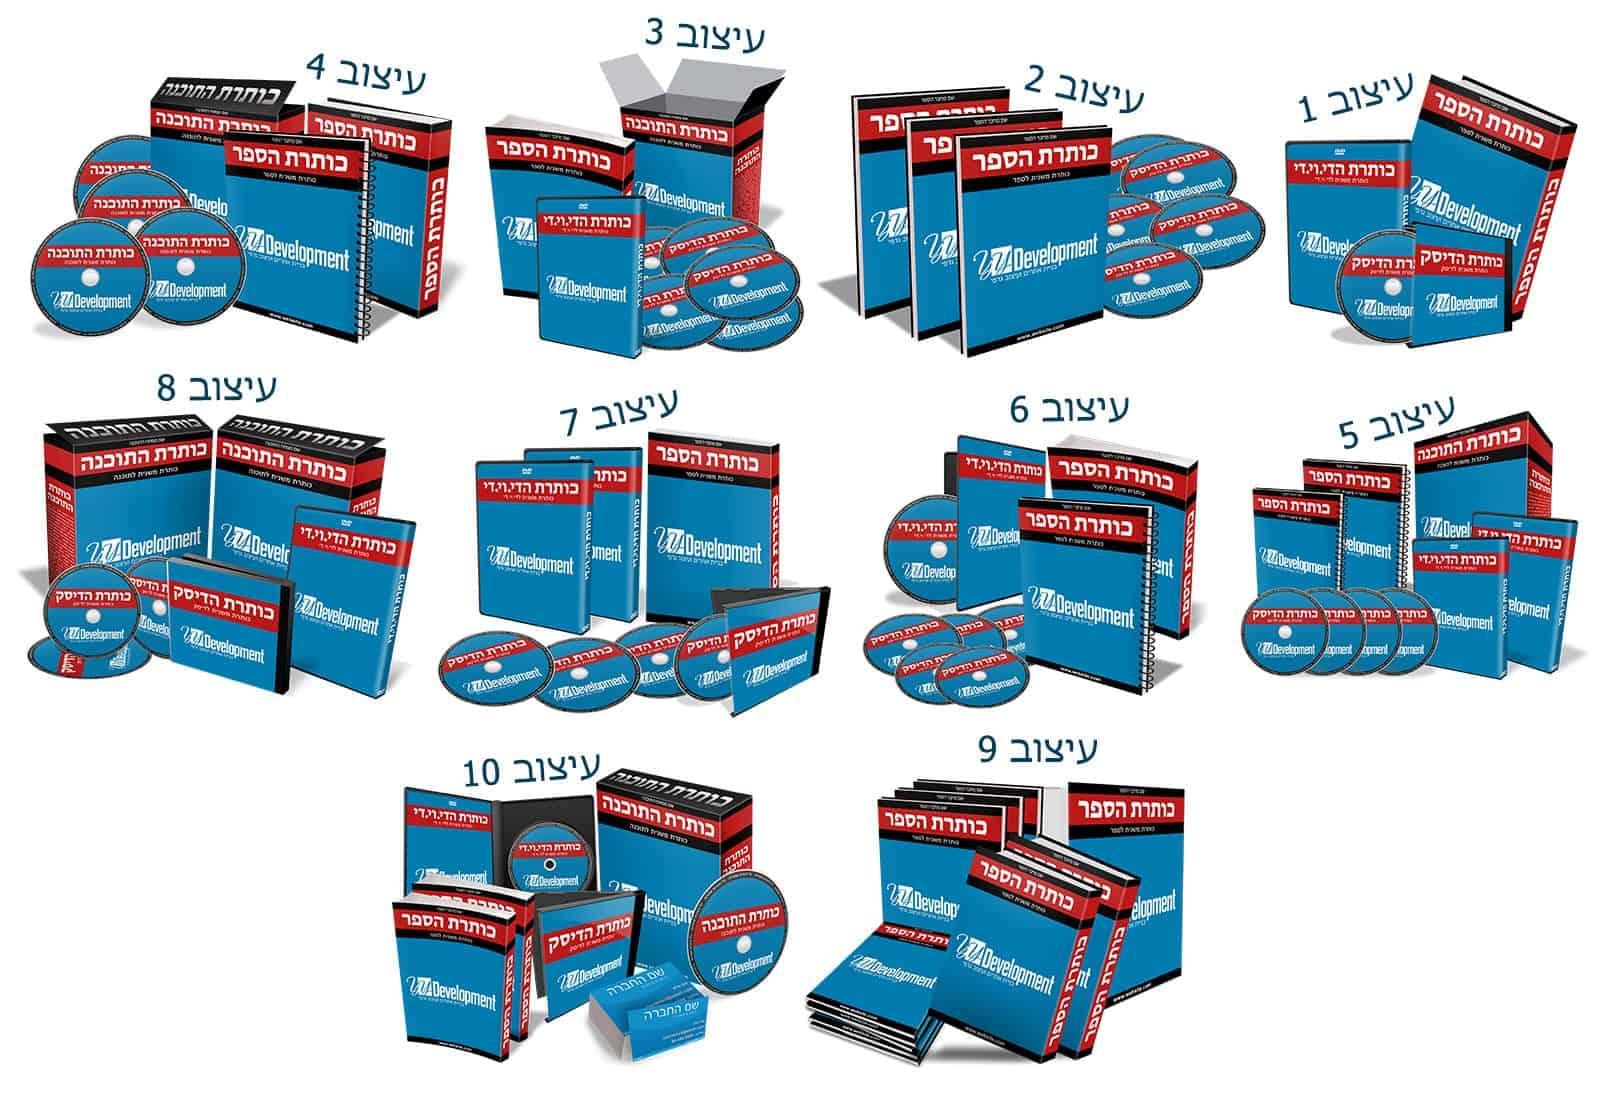 10 תבניות שונות של חבילת מוצרים דיגיטליים שאנו מציעים